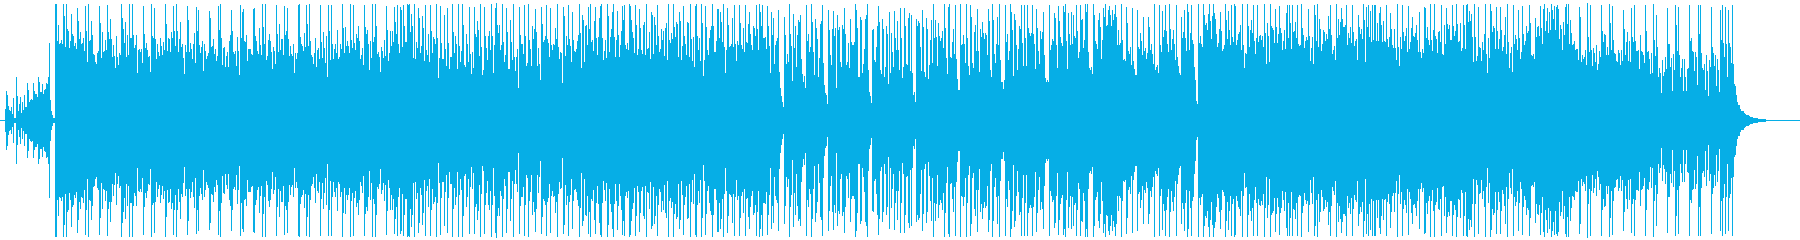 攻撃的なドラムとストリングスの劇伴系楽曲の再生済みの波形